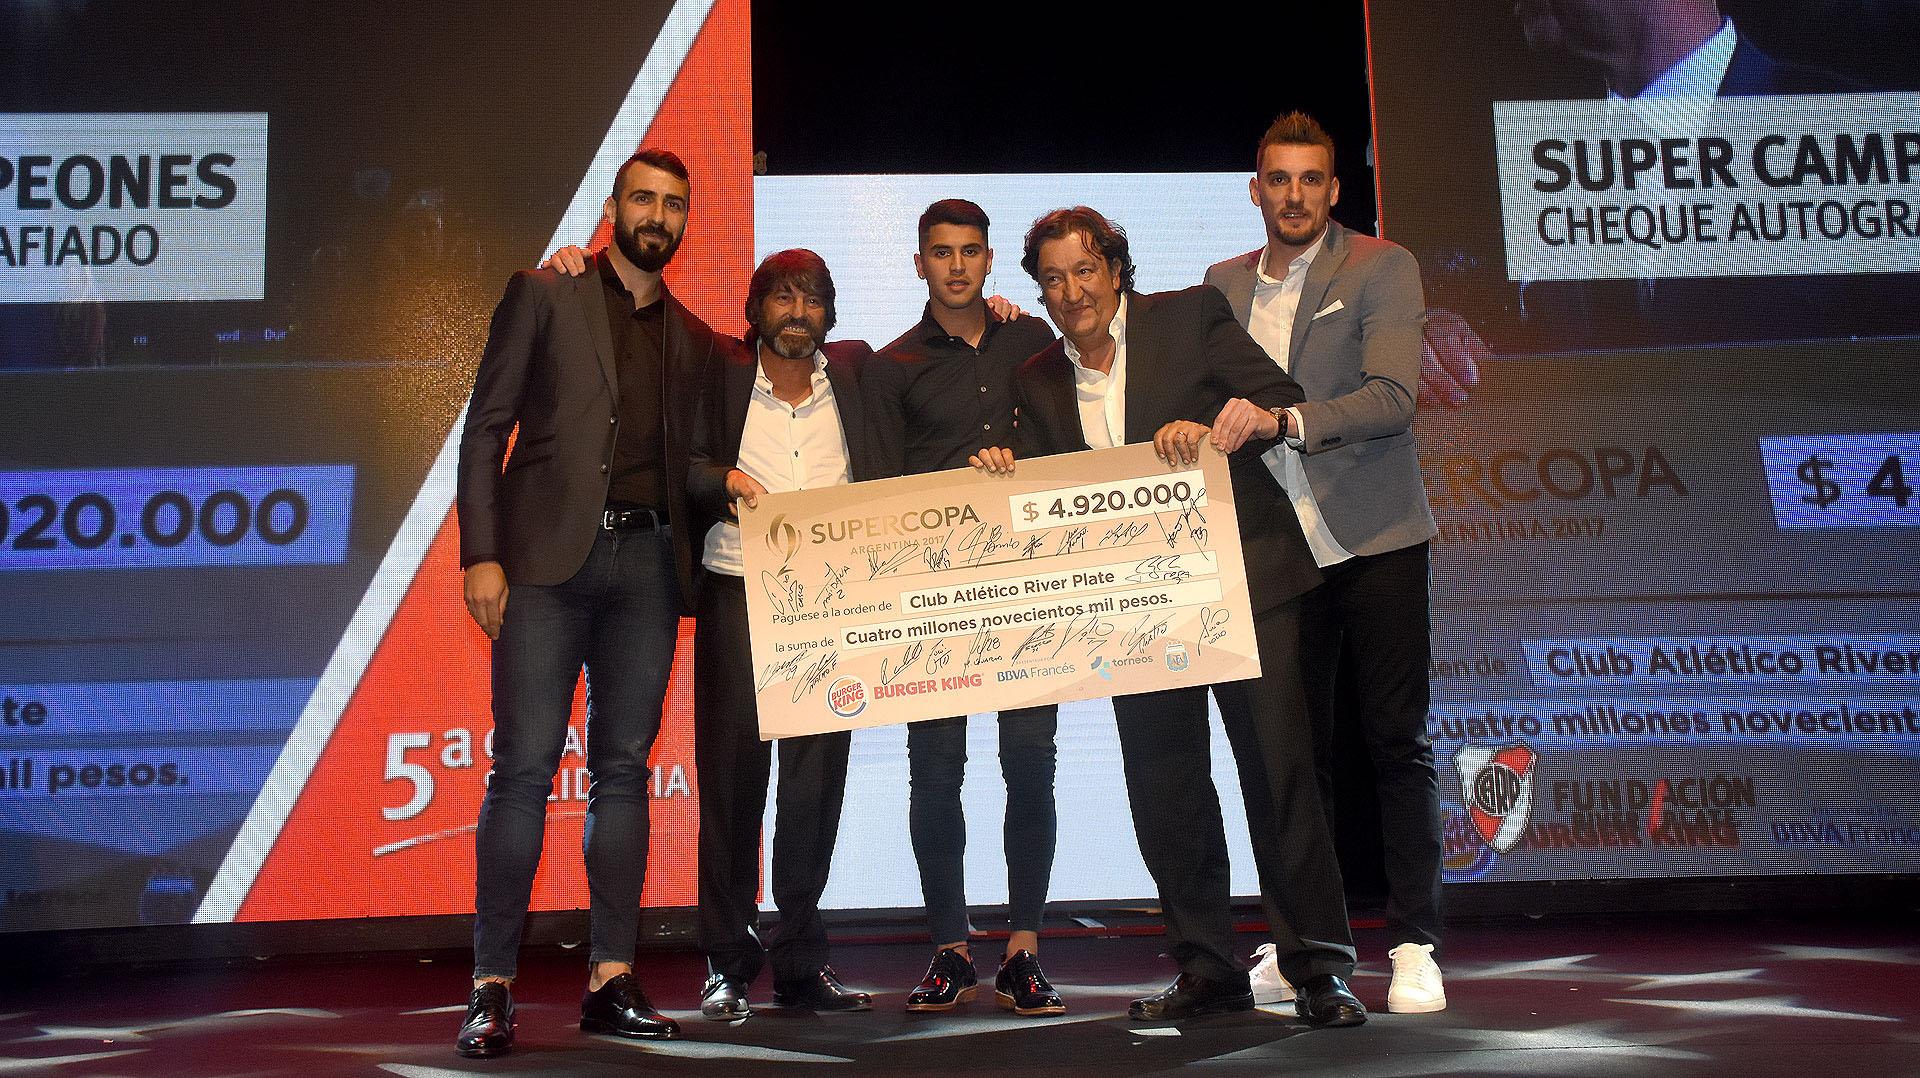 Súper Campeones: la subasta de un cheque autografiado por Exequiel Palacios, Lucas Pratto y Franco Armani